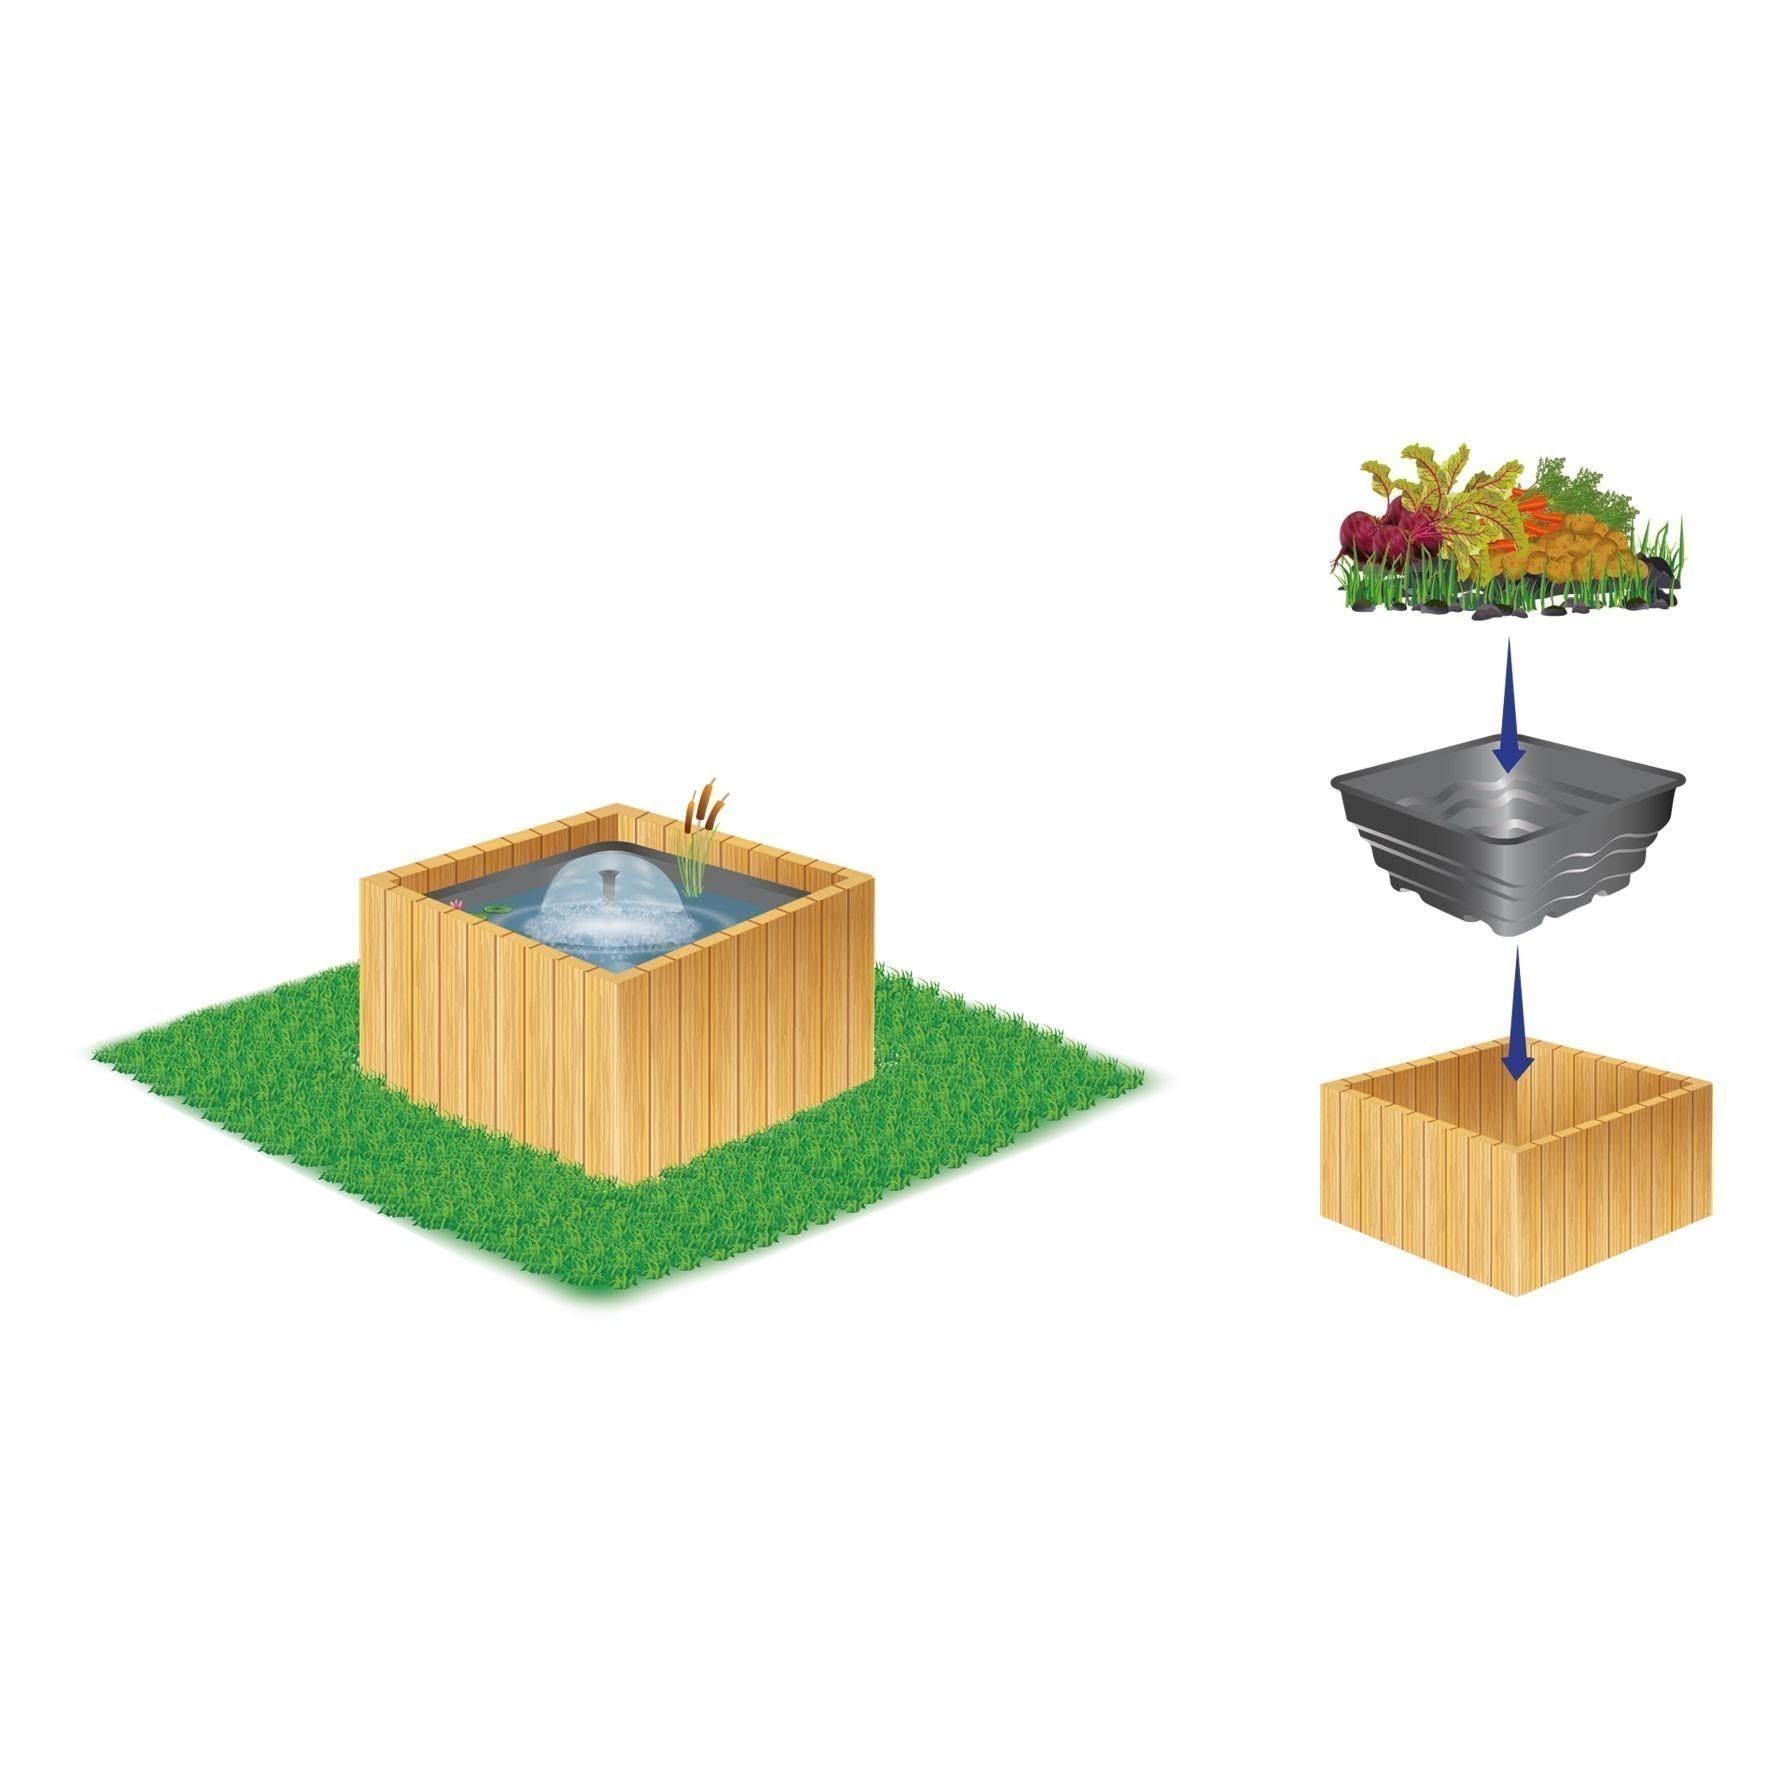 teichbecken terrassenteich heissner wassergarten 79x79x45cm 200liter bei. Black Bedroom Furniture Sets. Home Design Ideas